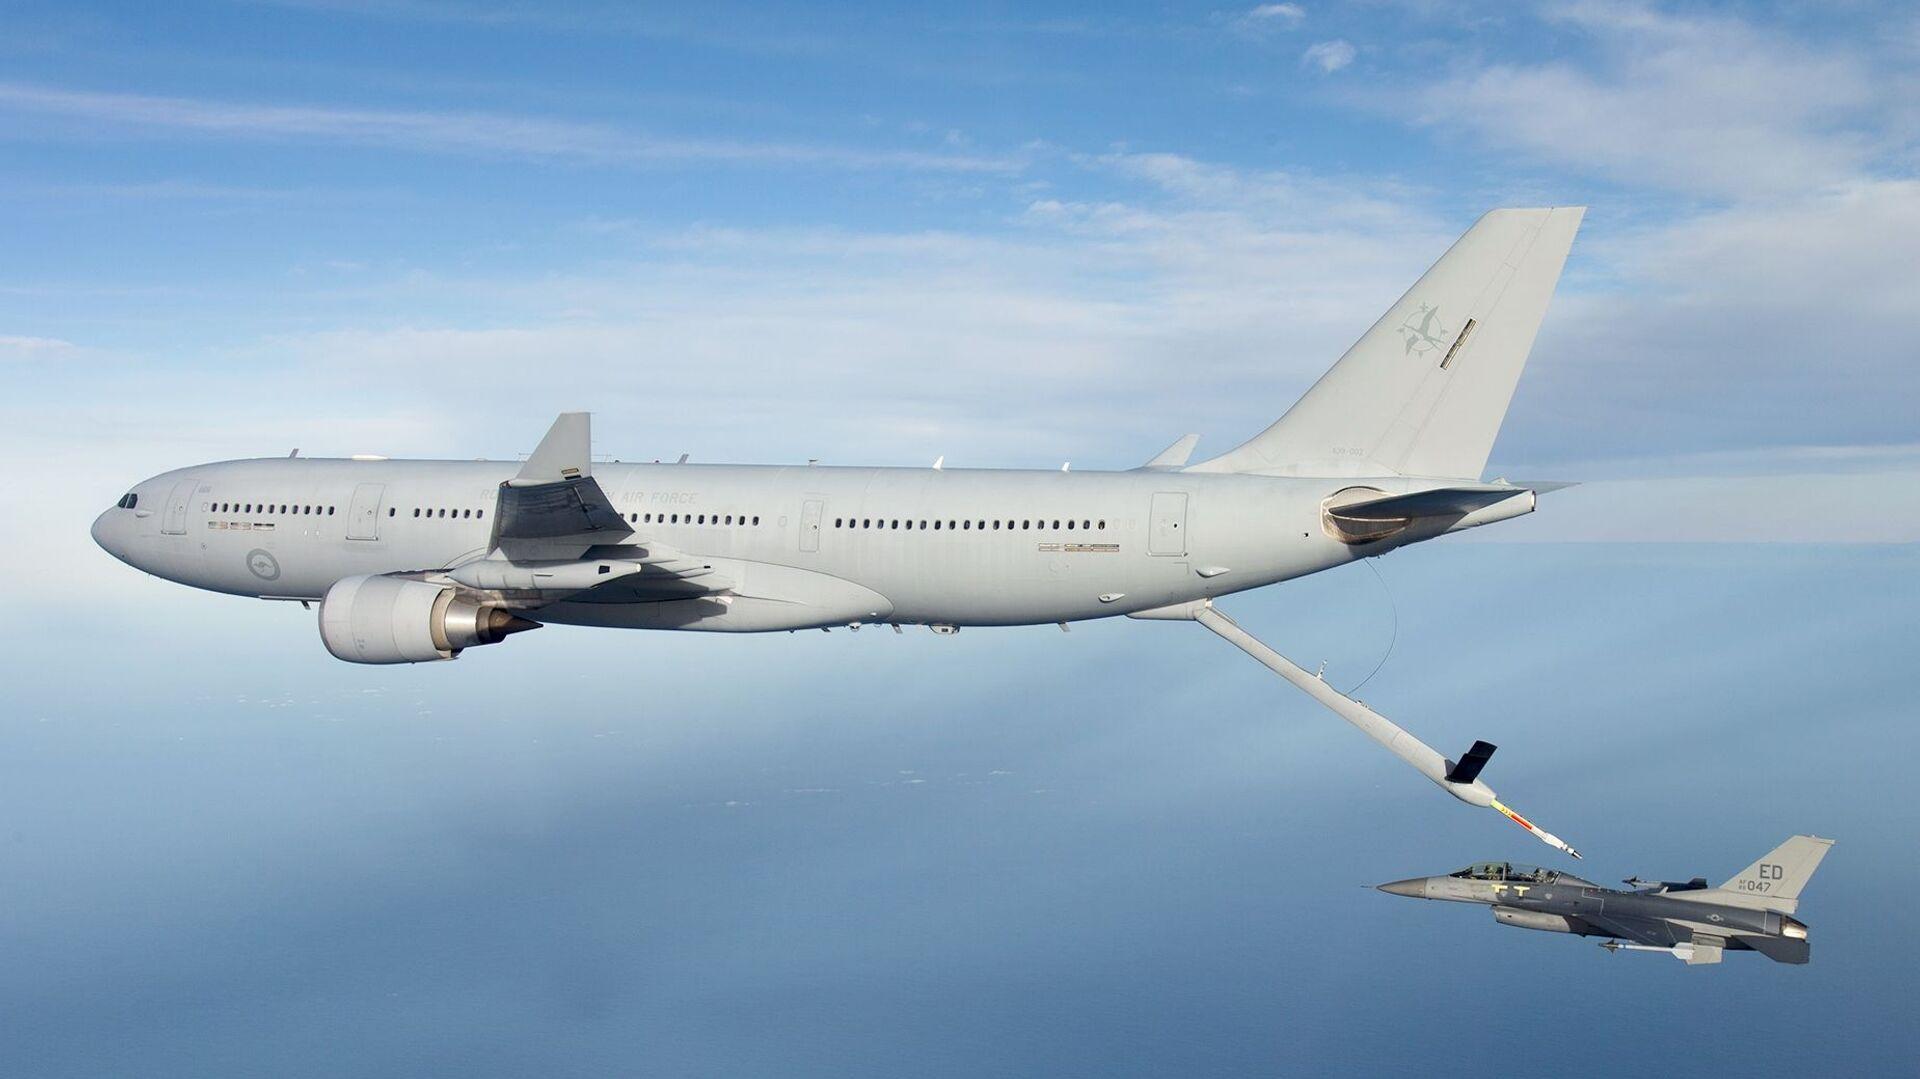 Letoun KC-30 australského letectva tankuje ve vzduchu stíhací letoun F-16 amerického letectva během zkoušek v roce 2015 - Sputnik Česká republika, 1920, 25.07.2021